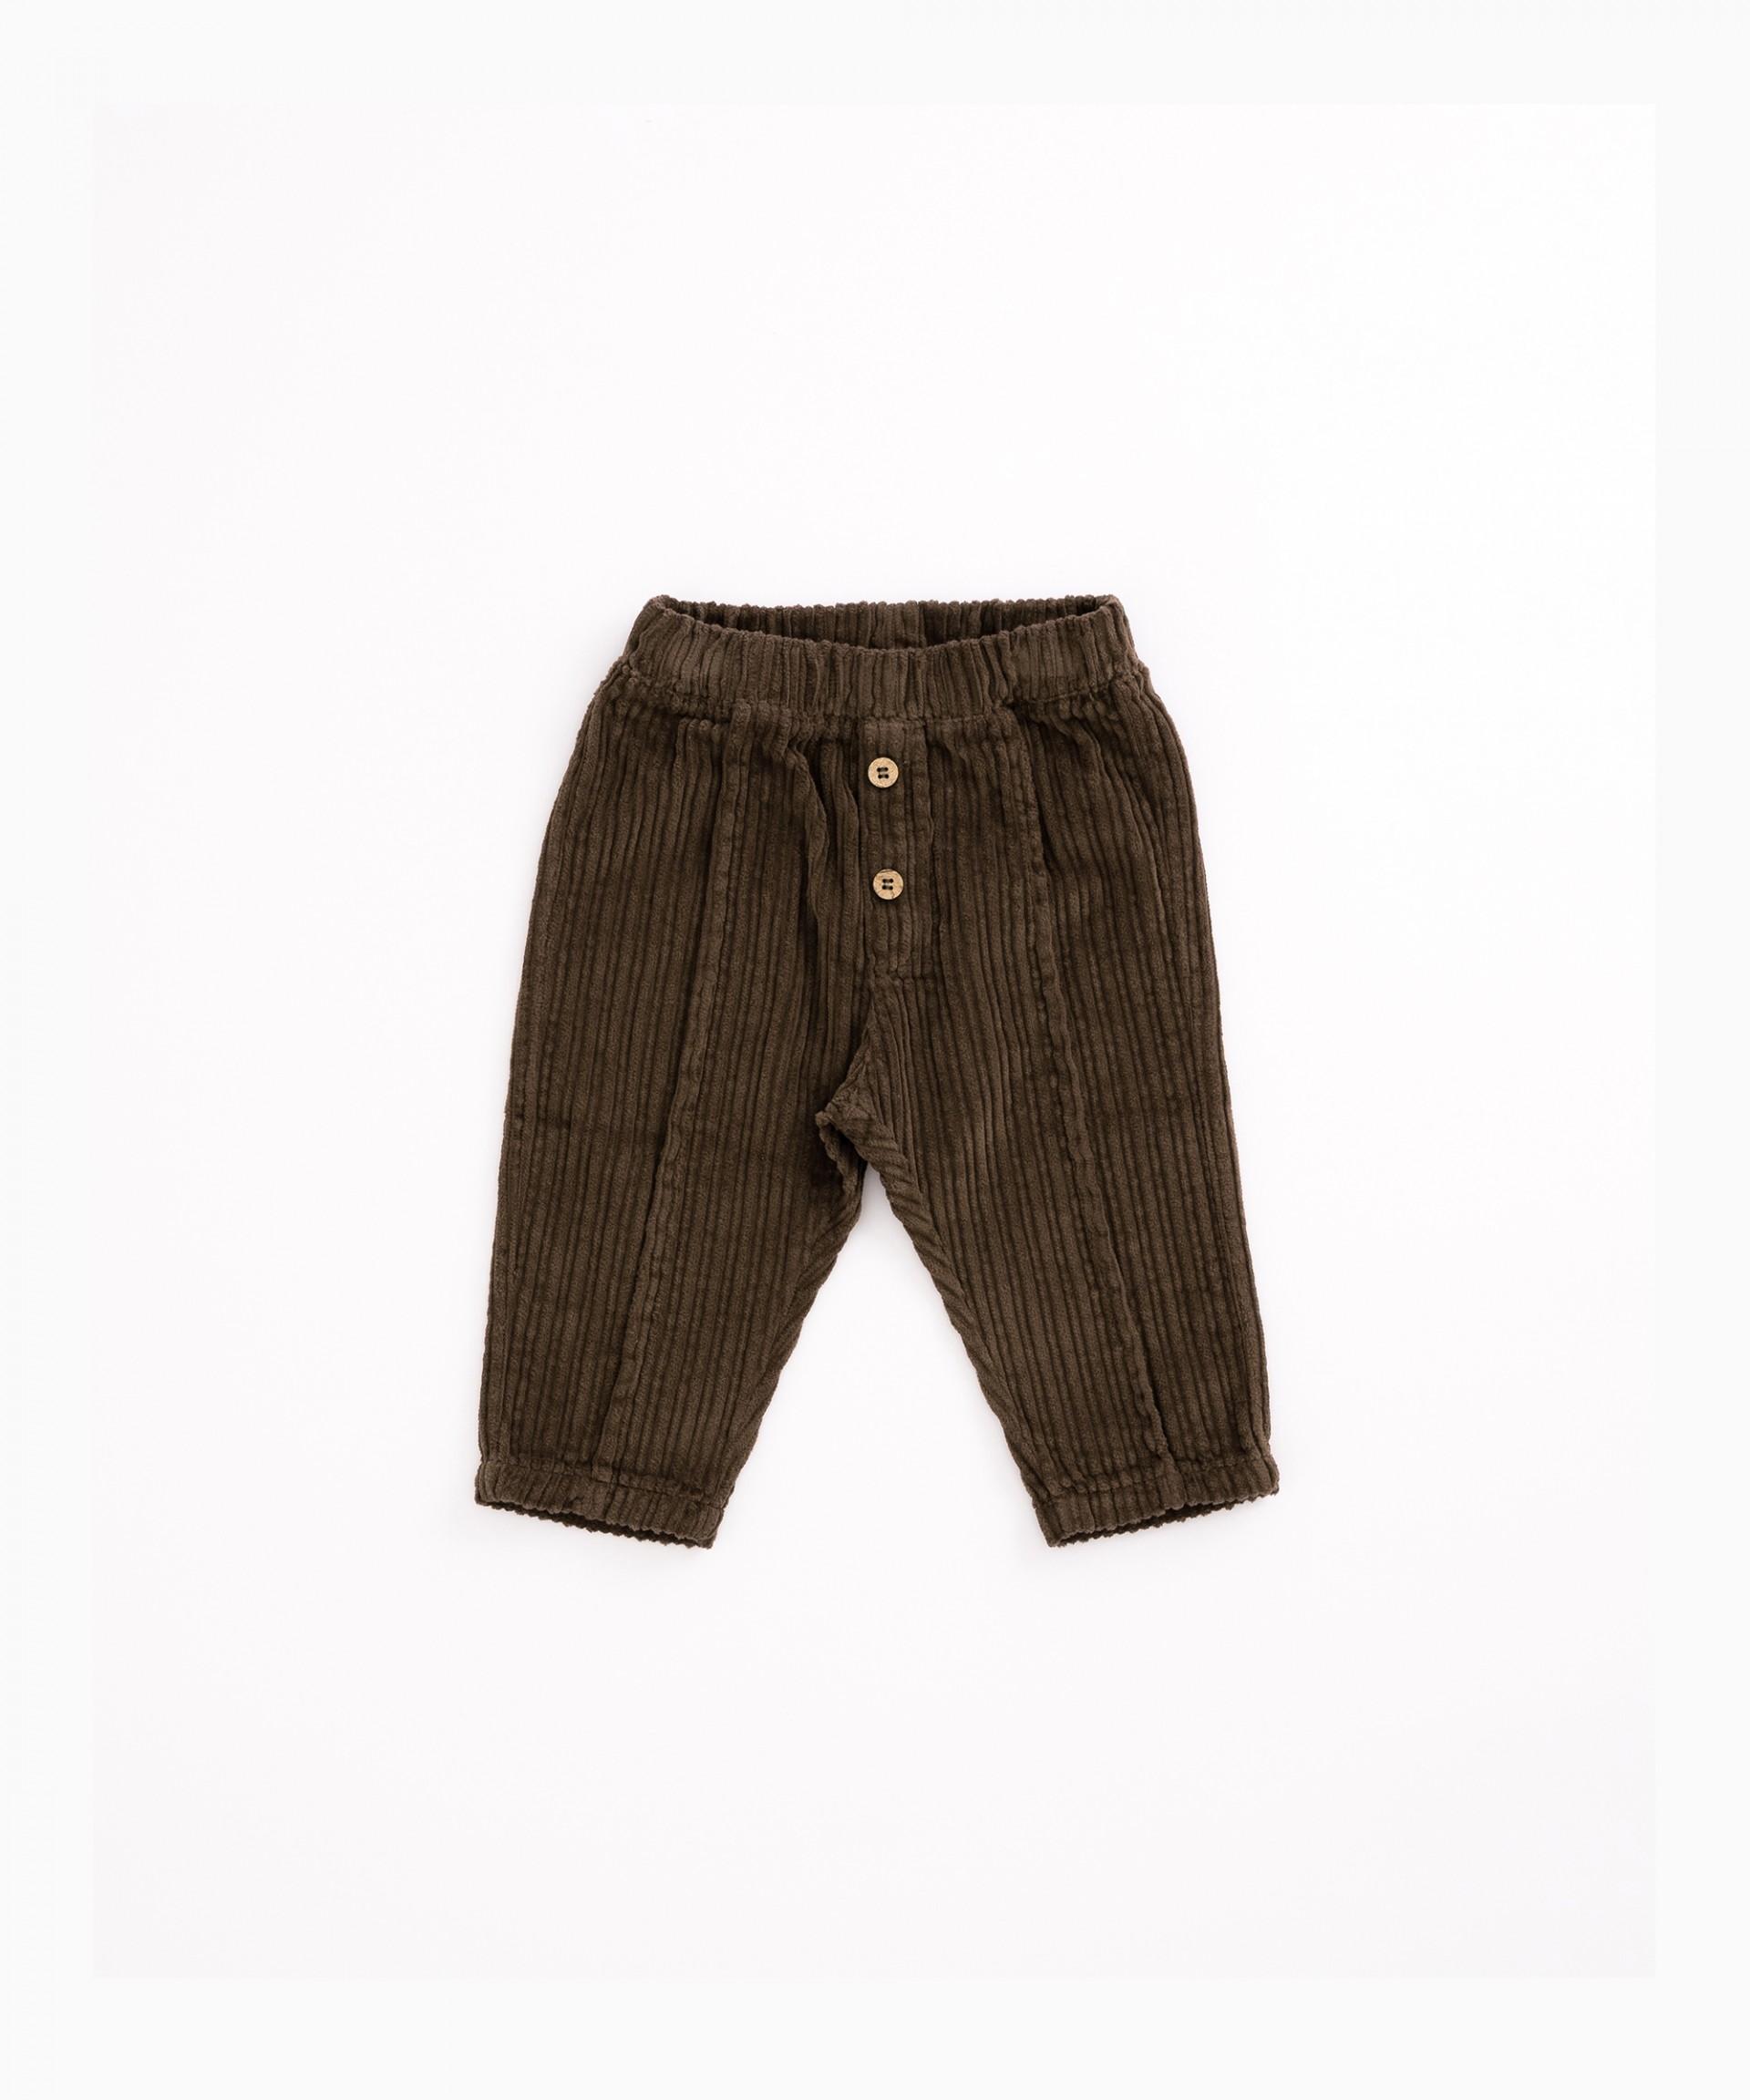 Pantalón de pana con botones decorativos | Woodwork